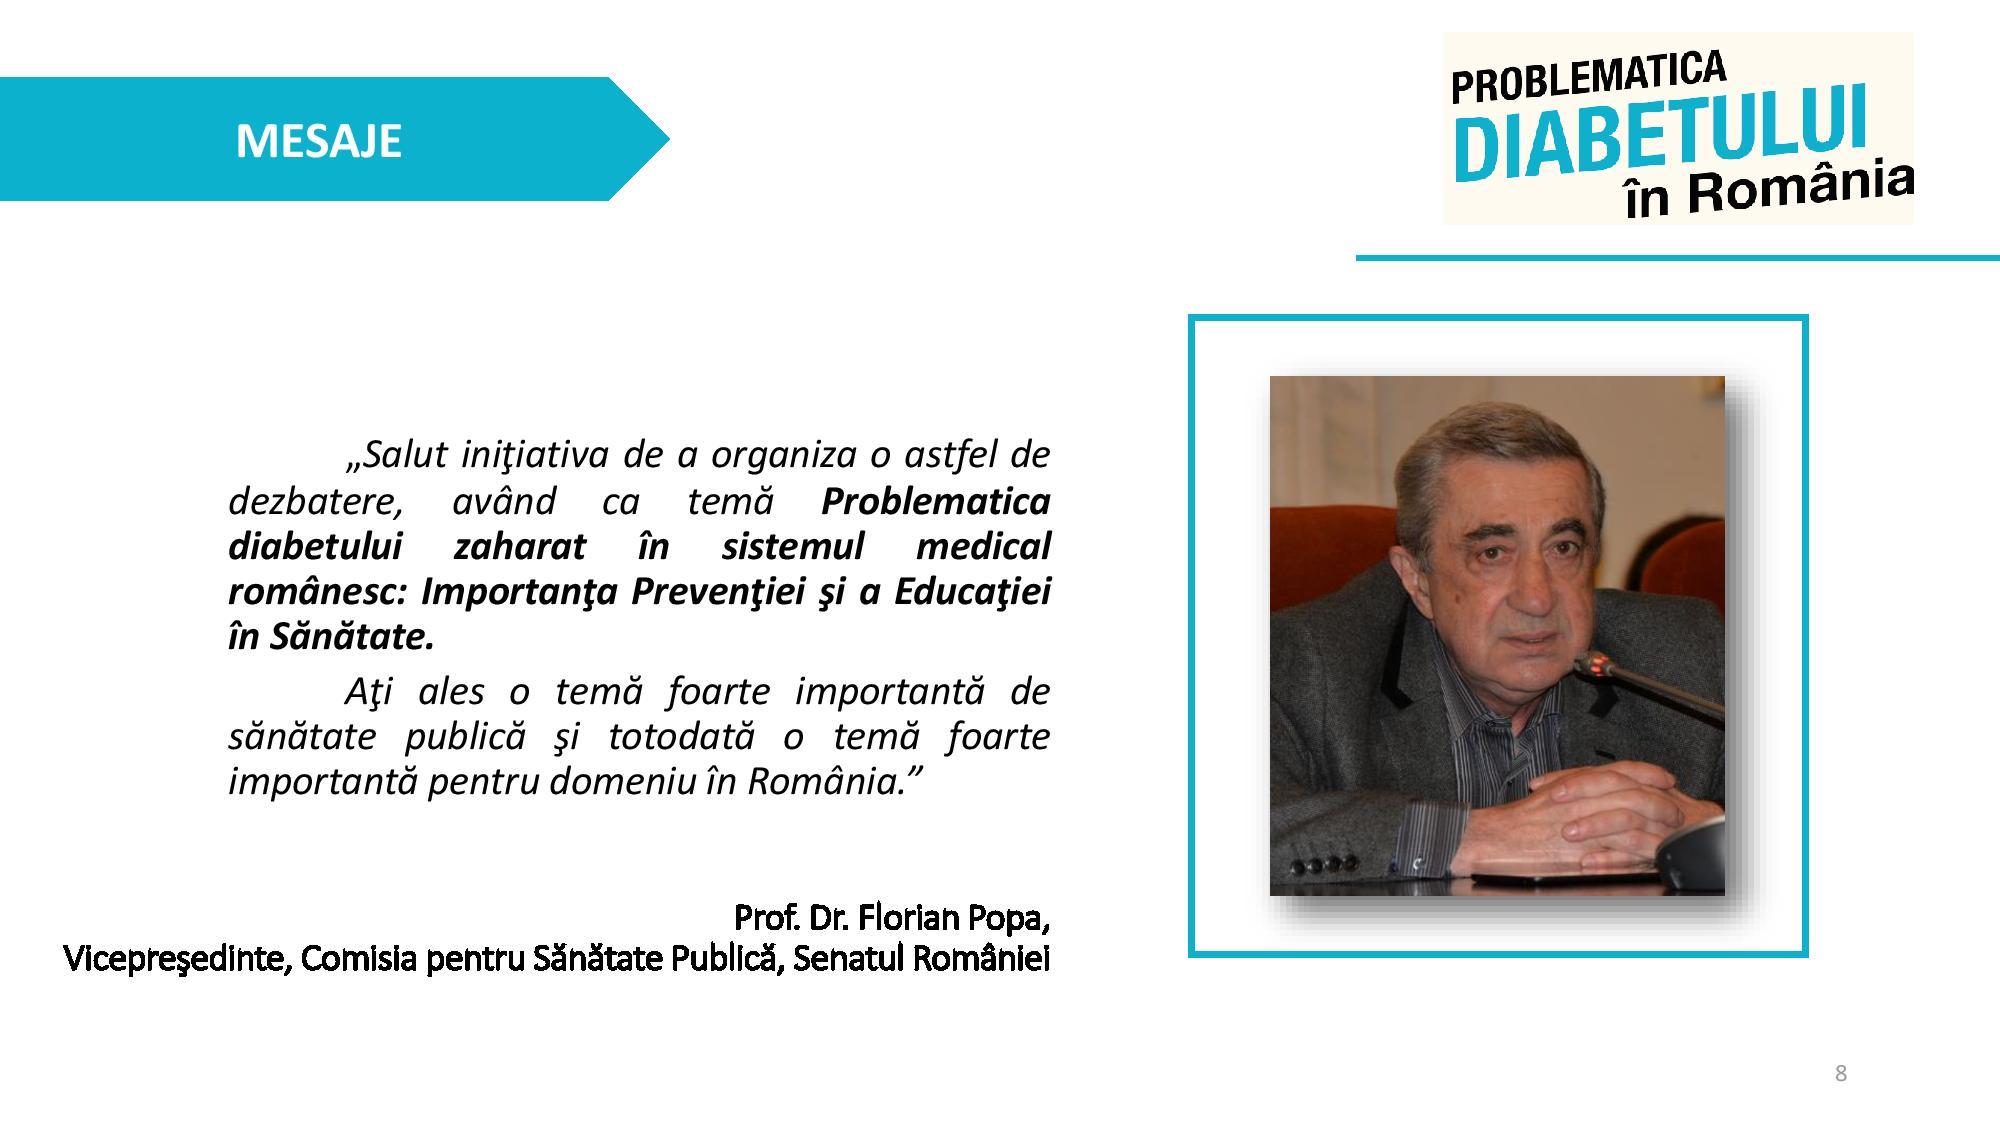 Problematica Diabetului in Romania 2016-page-008